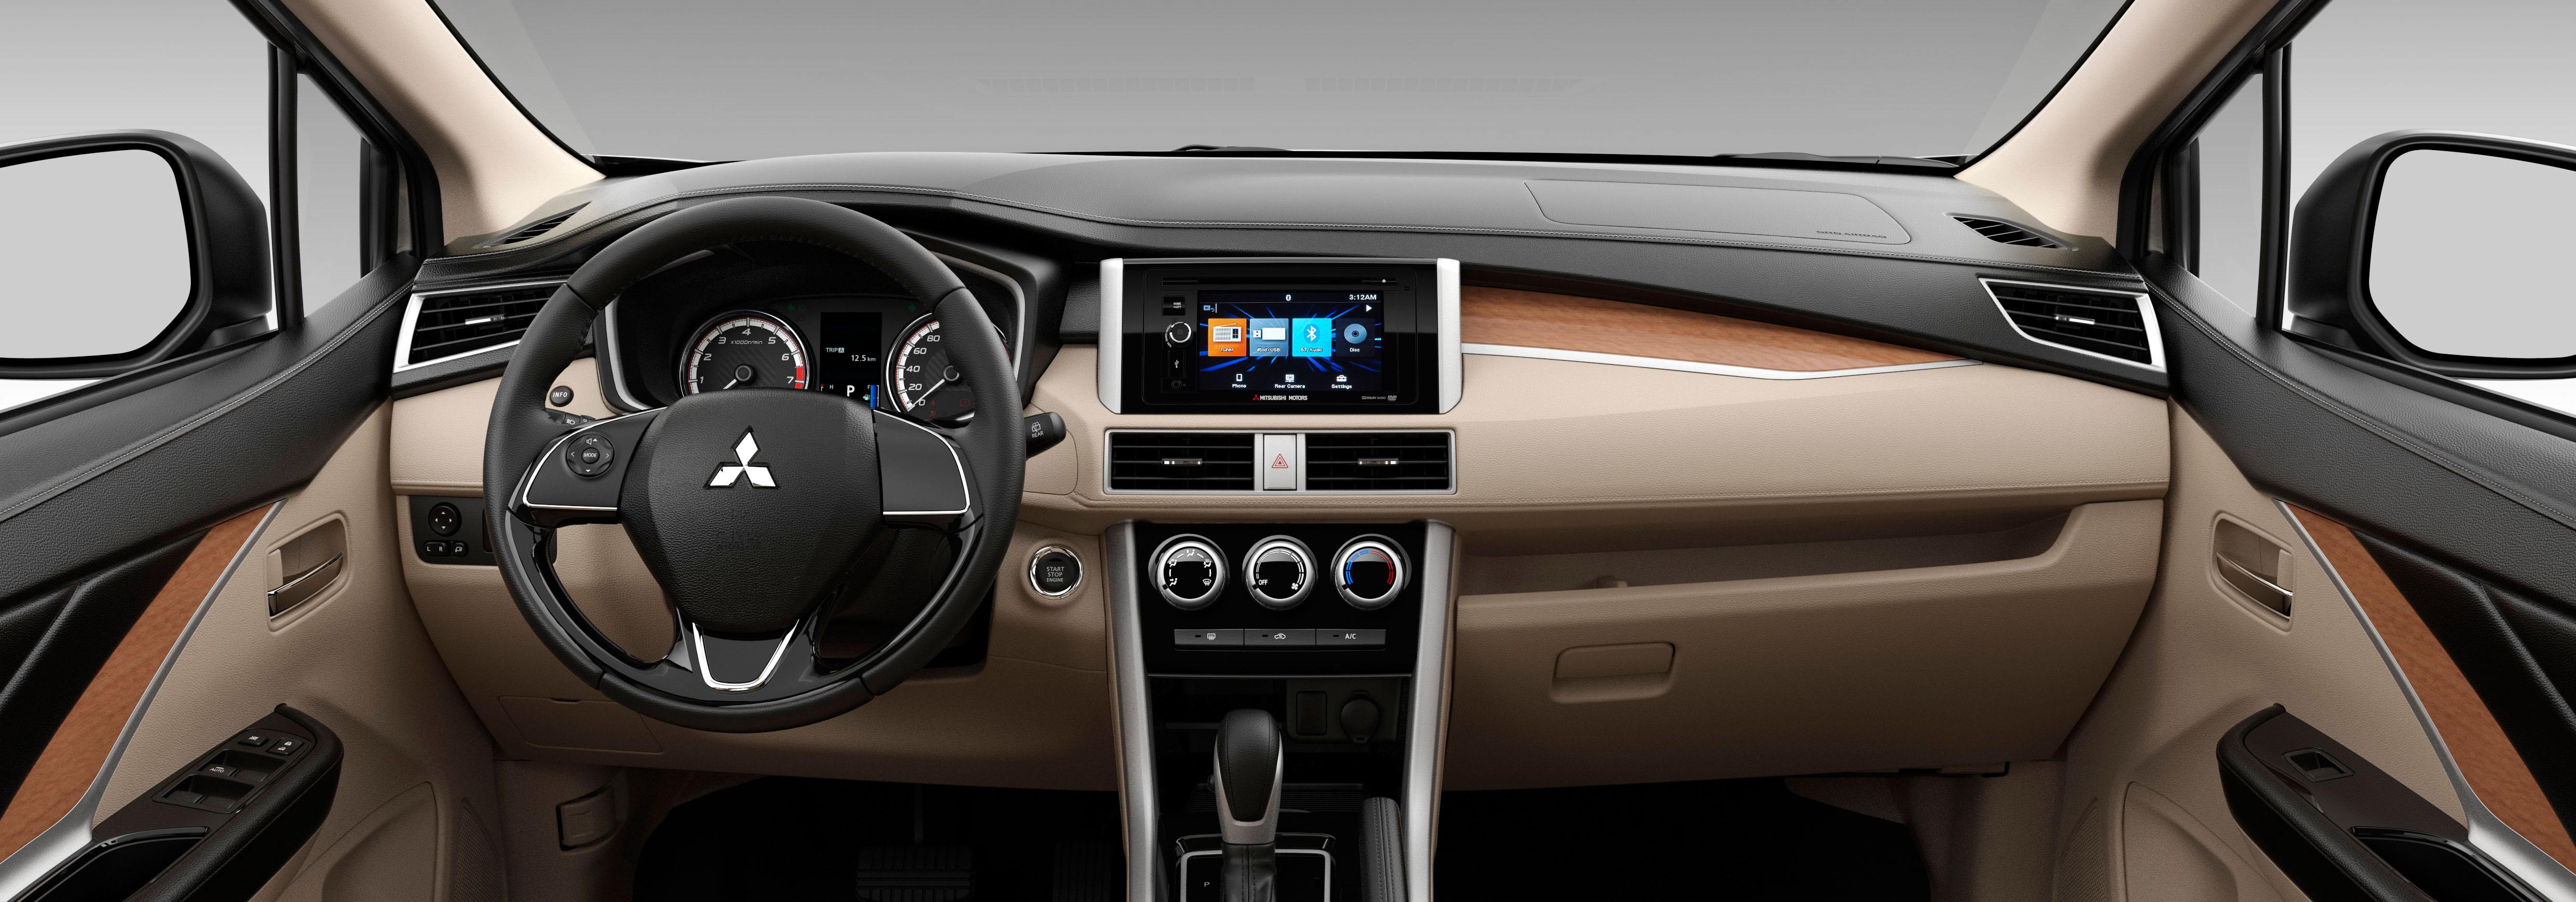 Giá xe Xpander 2019 MPV 7 chỗ và thông số kỹ thuật – Đại lý